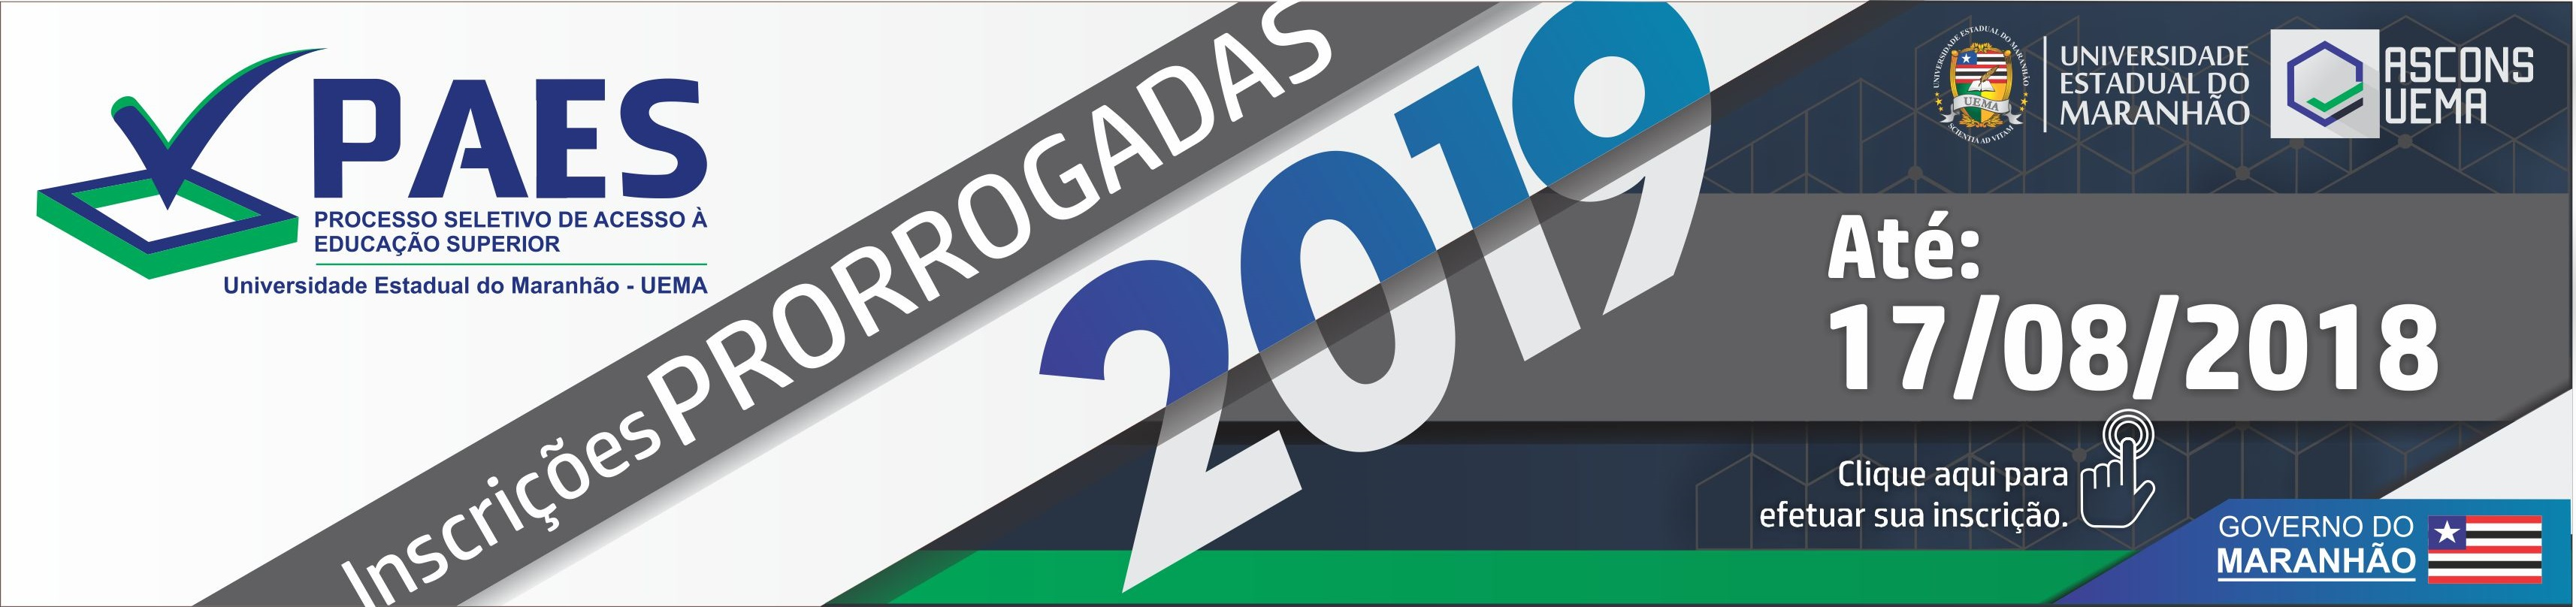 Banner_PAES_2019_prorrogação